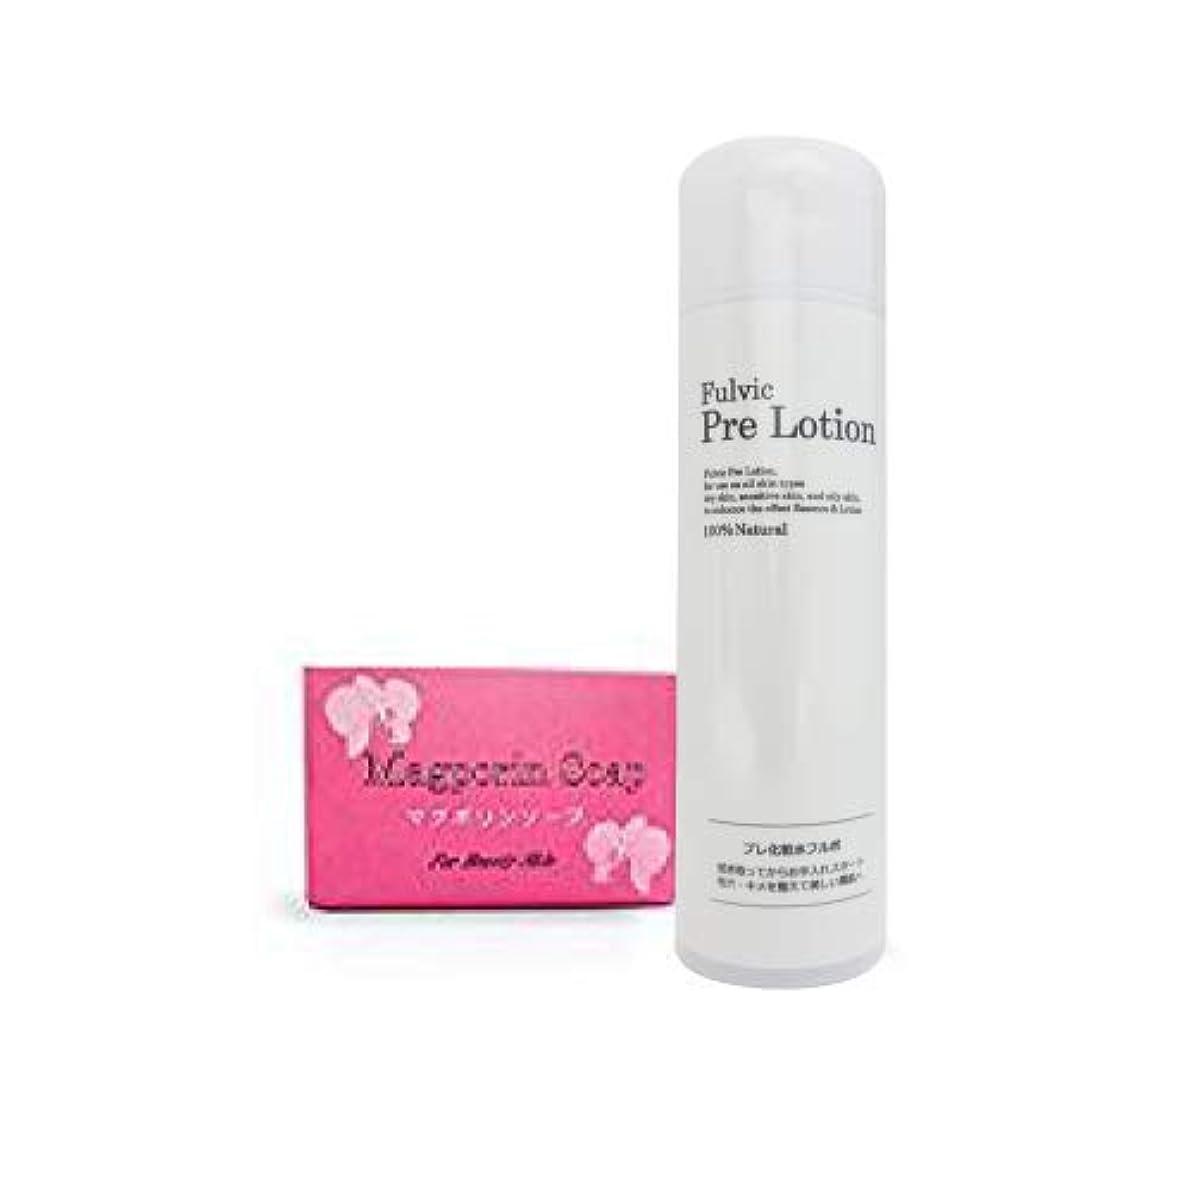 マグポーリン石鹸105g+プレ化粧水フルボ200ml ふき取り化粧水セット 美肌&毛穴ケアセット